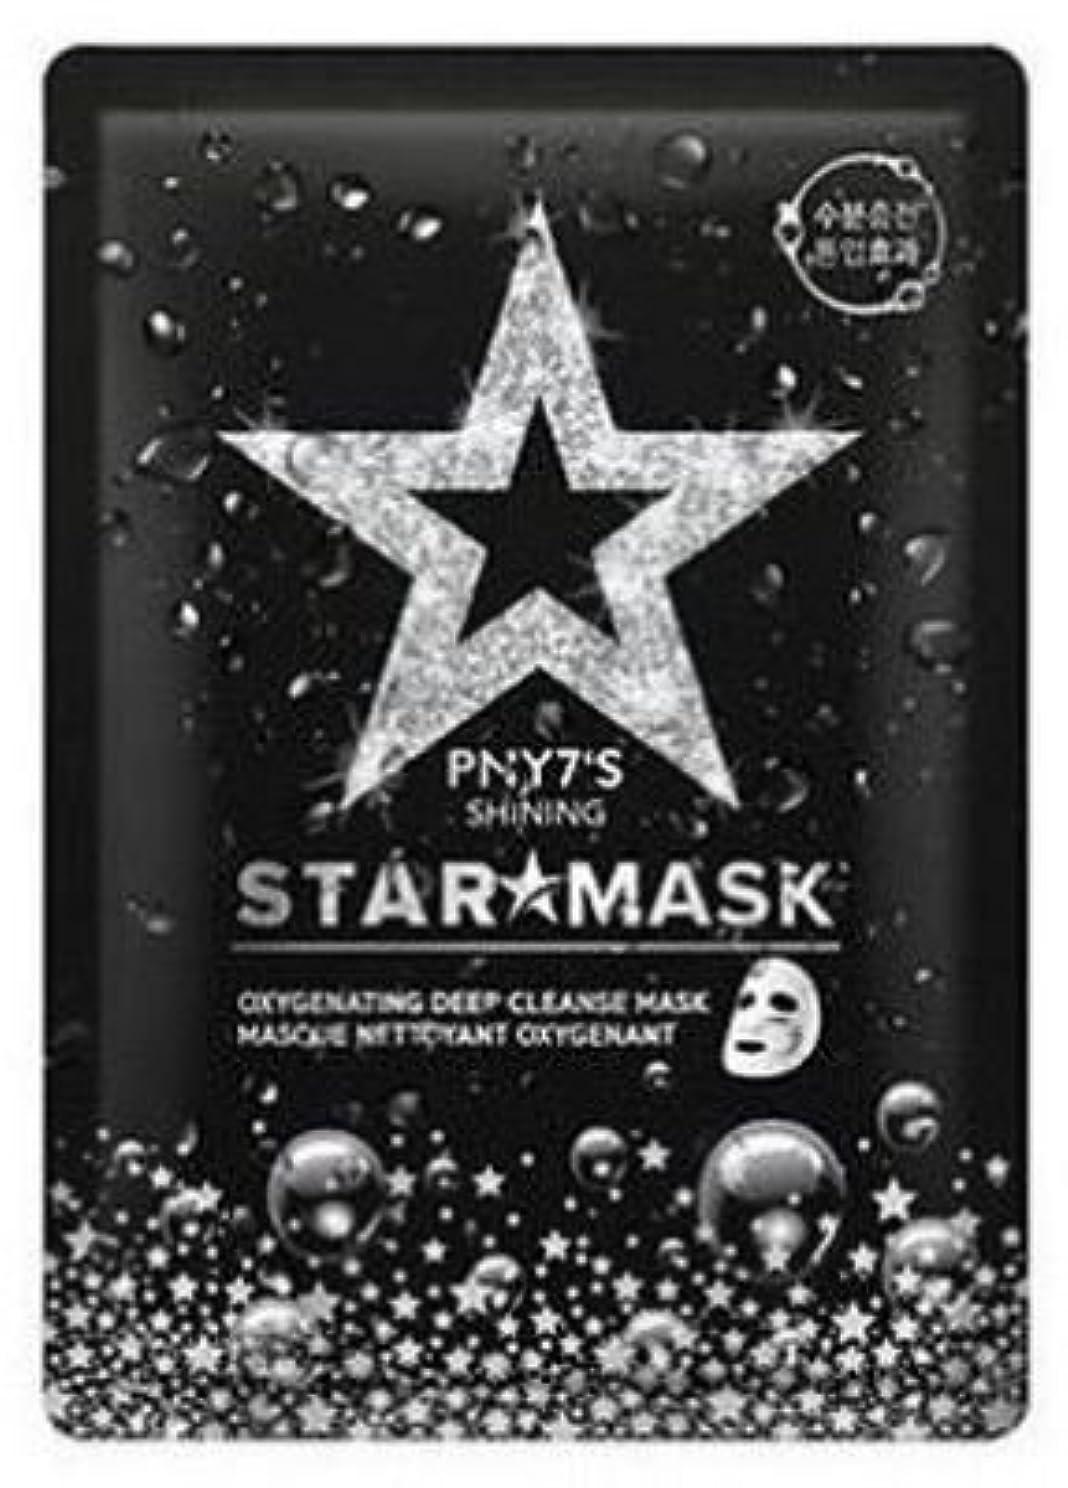 誕生宿命フラッシュのように素早く[PNY7'S] Shining Star mask 10ea/[PNY7'S]シャイニングスターマスク10枚 [並行輸入品]